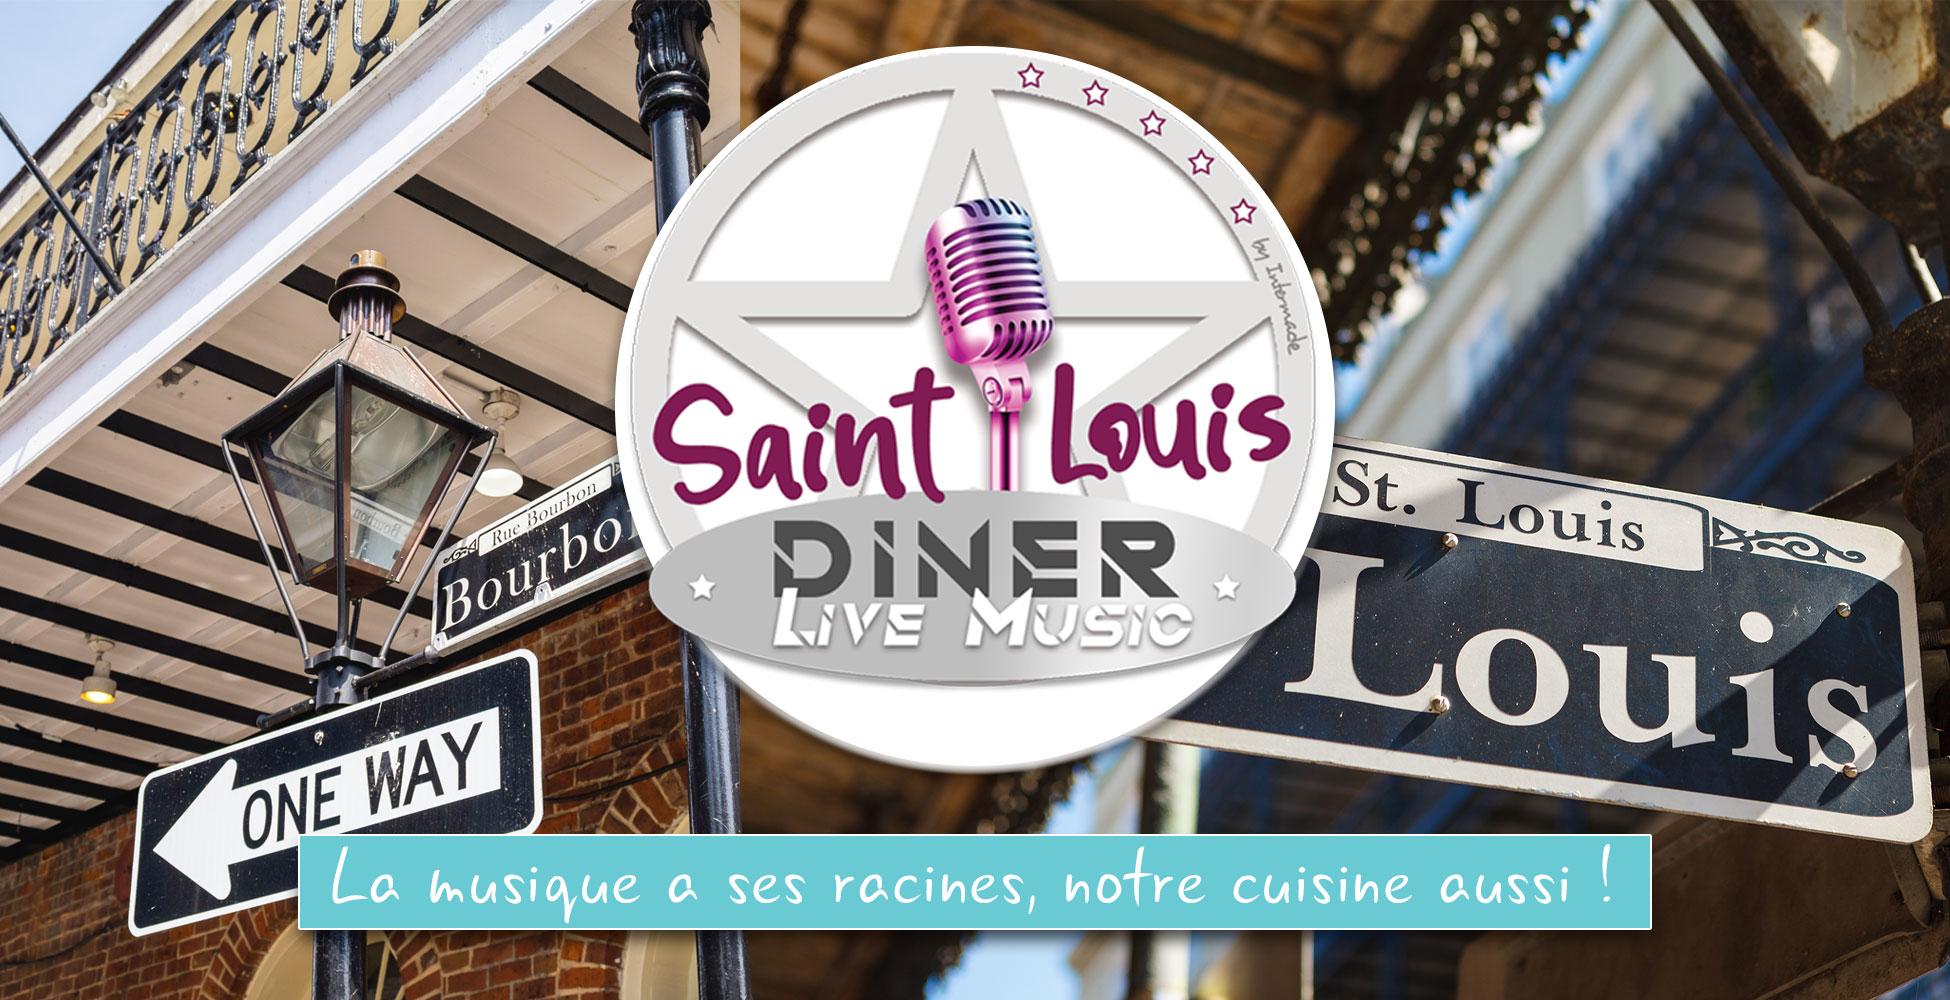 SAINT-LOUIS-DINER-POUR-LIVE-MUSIC